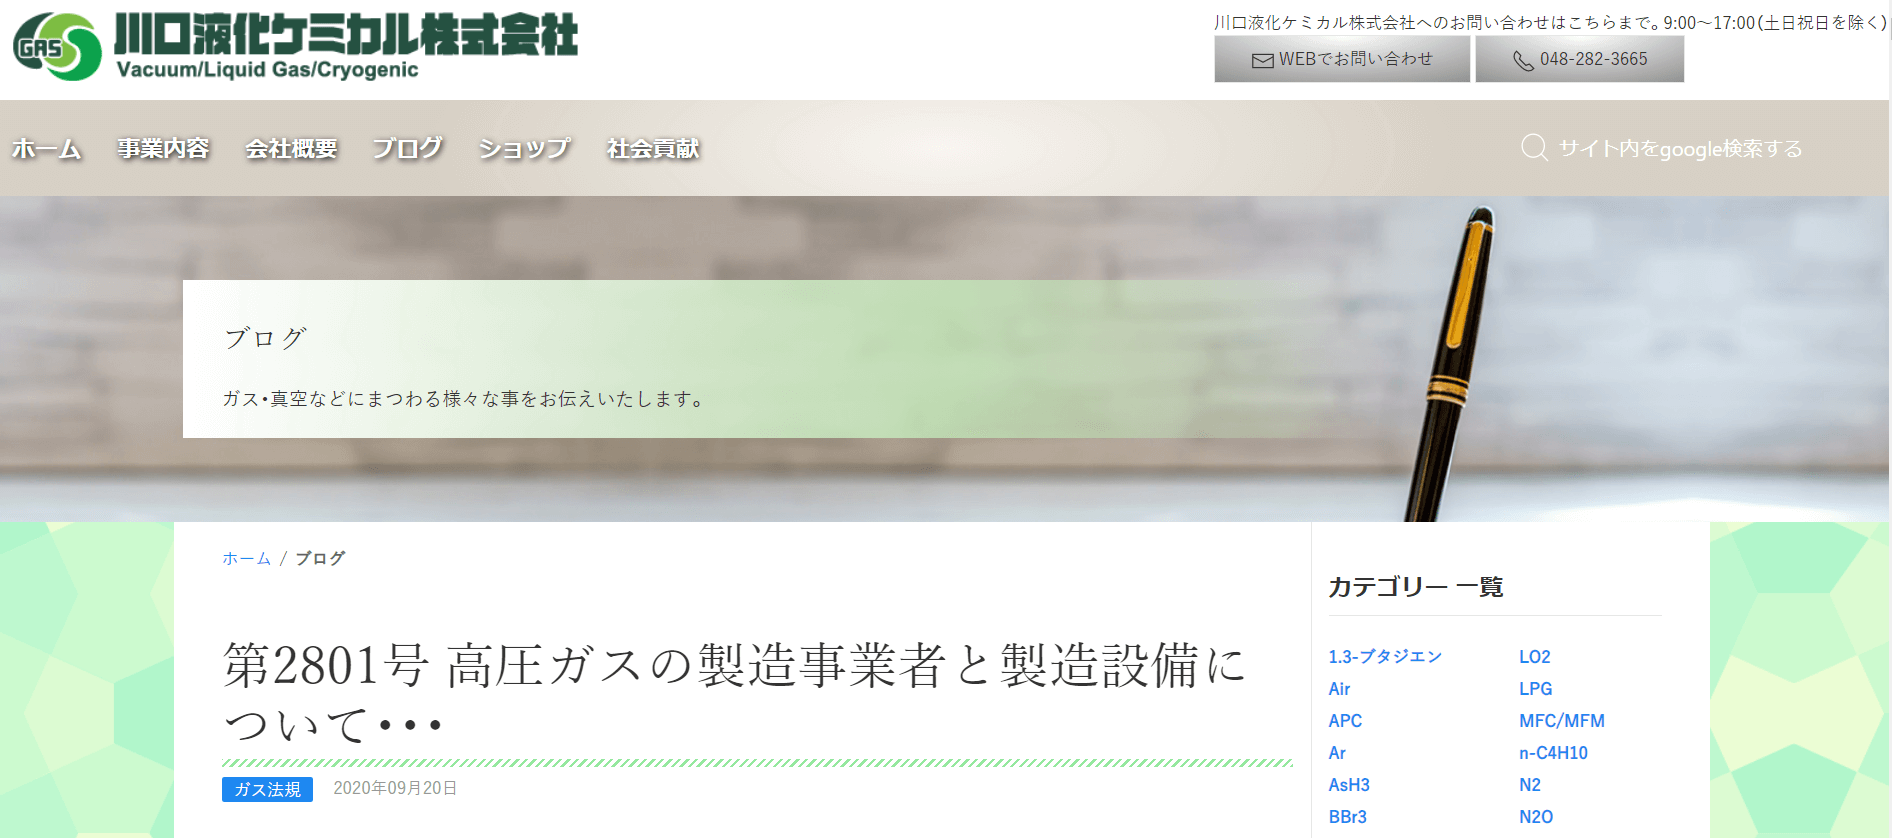 kawaguchichemical